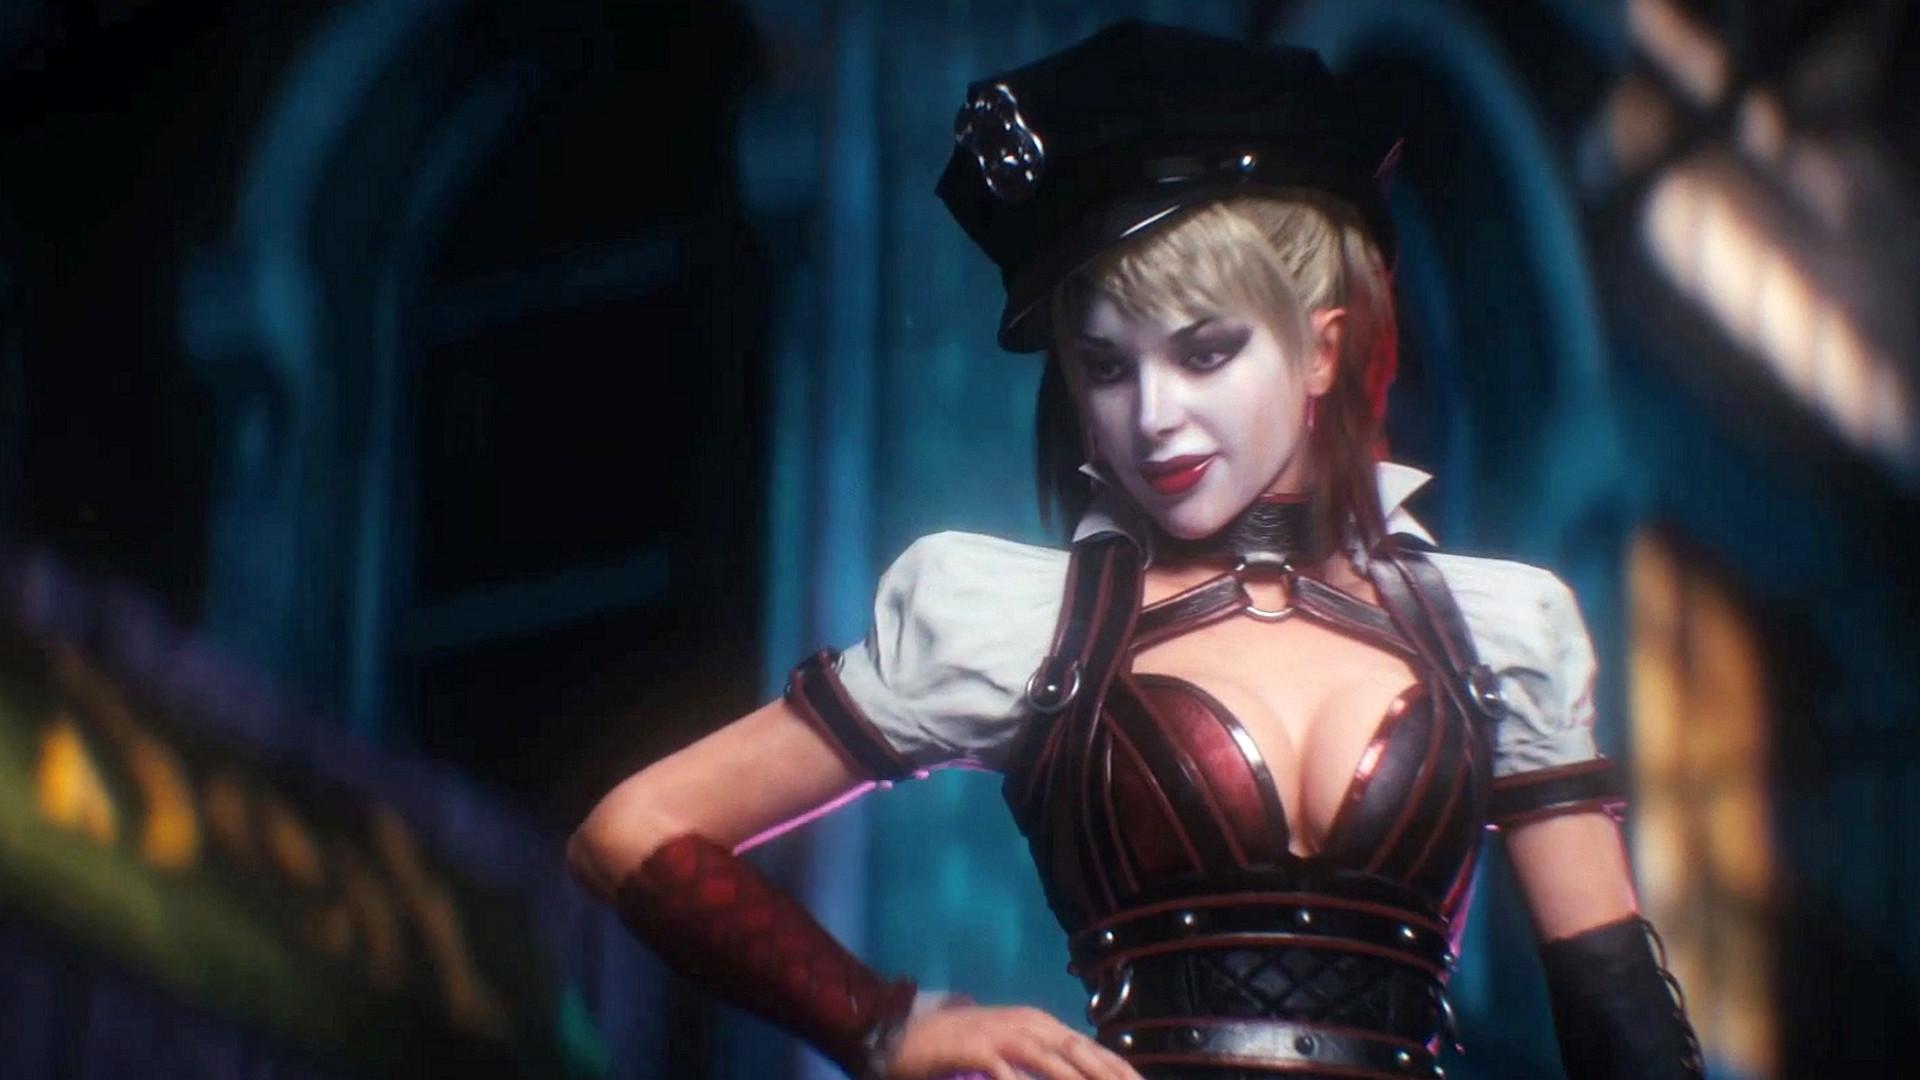 Harley Quinn Arkham City Wallpaper 67 Images